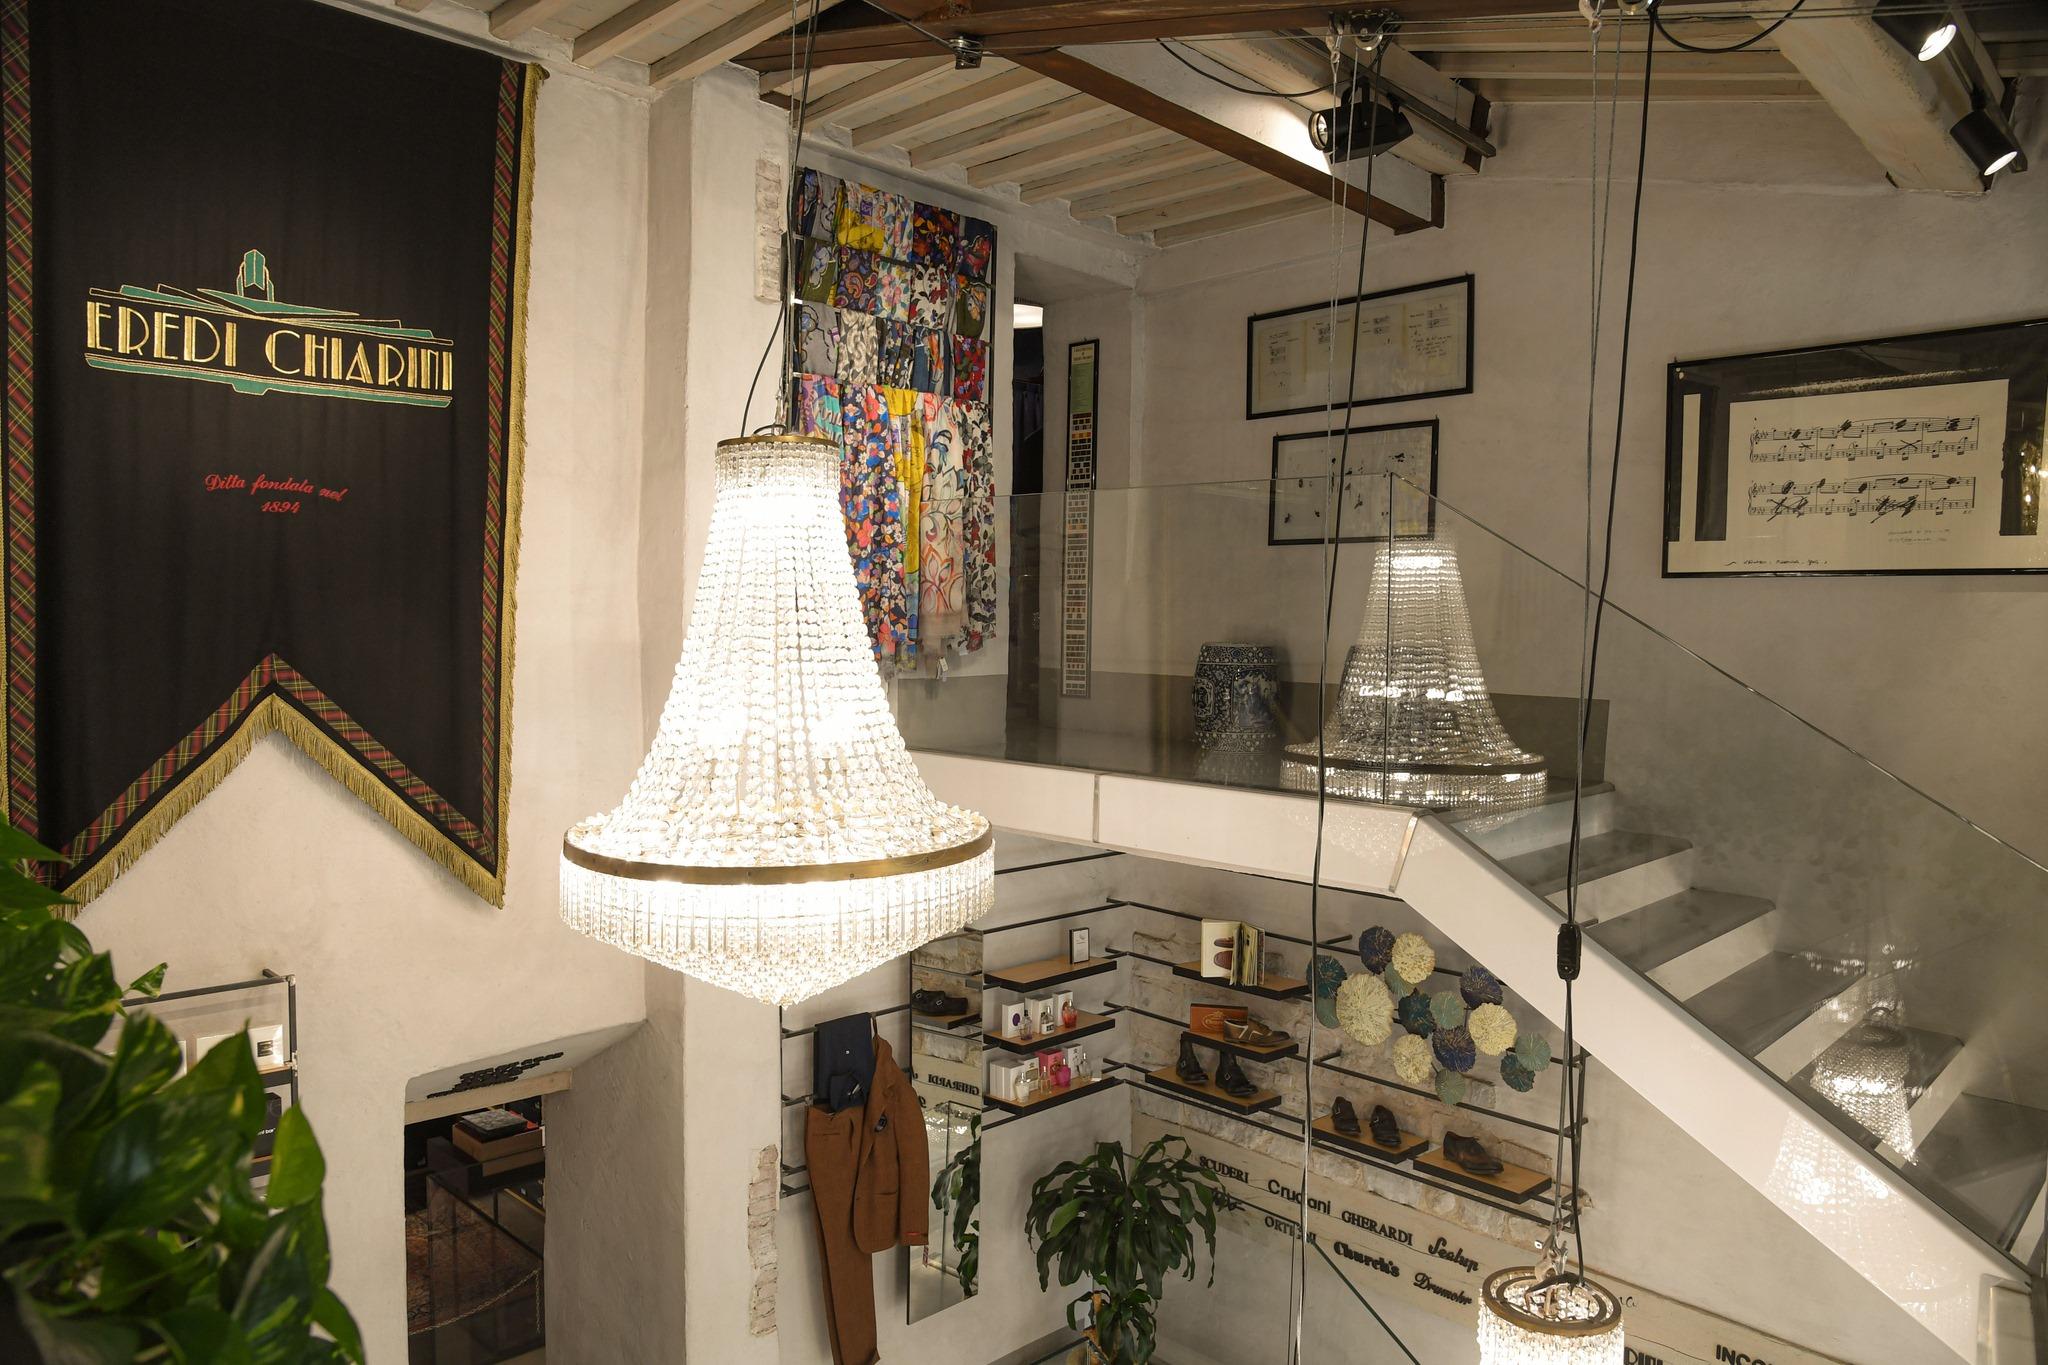 Il negozio Eredi Chiarini - vista 1